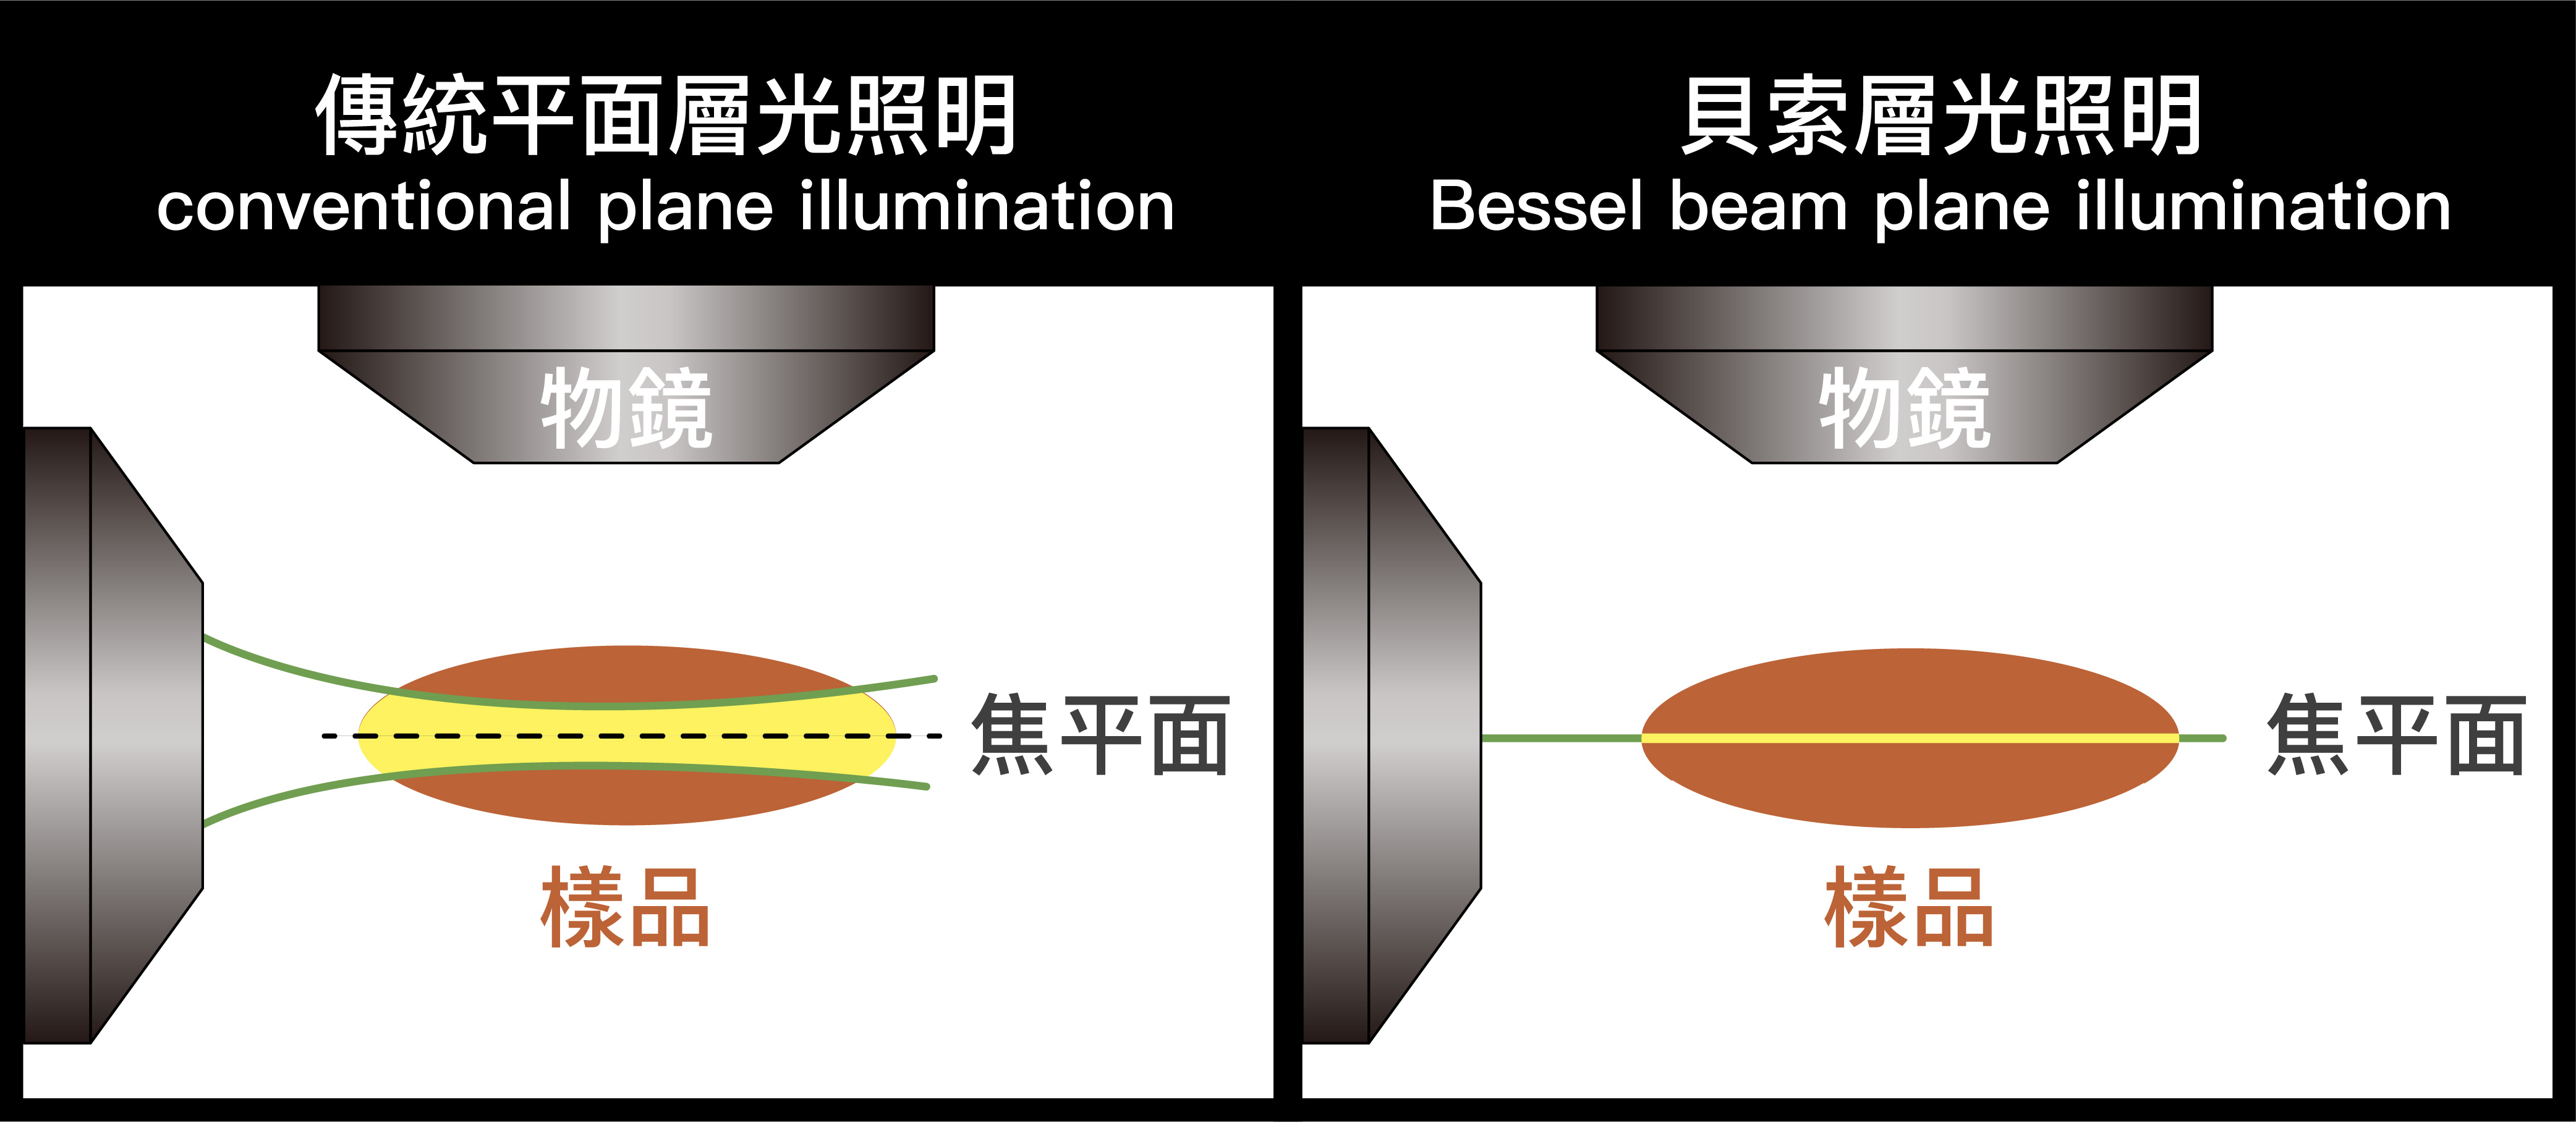 傳統平面層光照明,雖試著將光線聚焦於焦平面,然而其減少雜光的效果,還是不若貝索層光照明好。圖│研之有物、廖英凱(資料來源│陳壁彰提供)